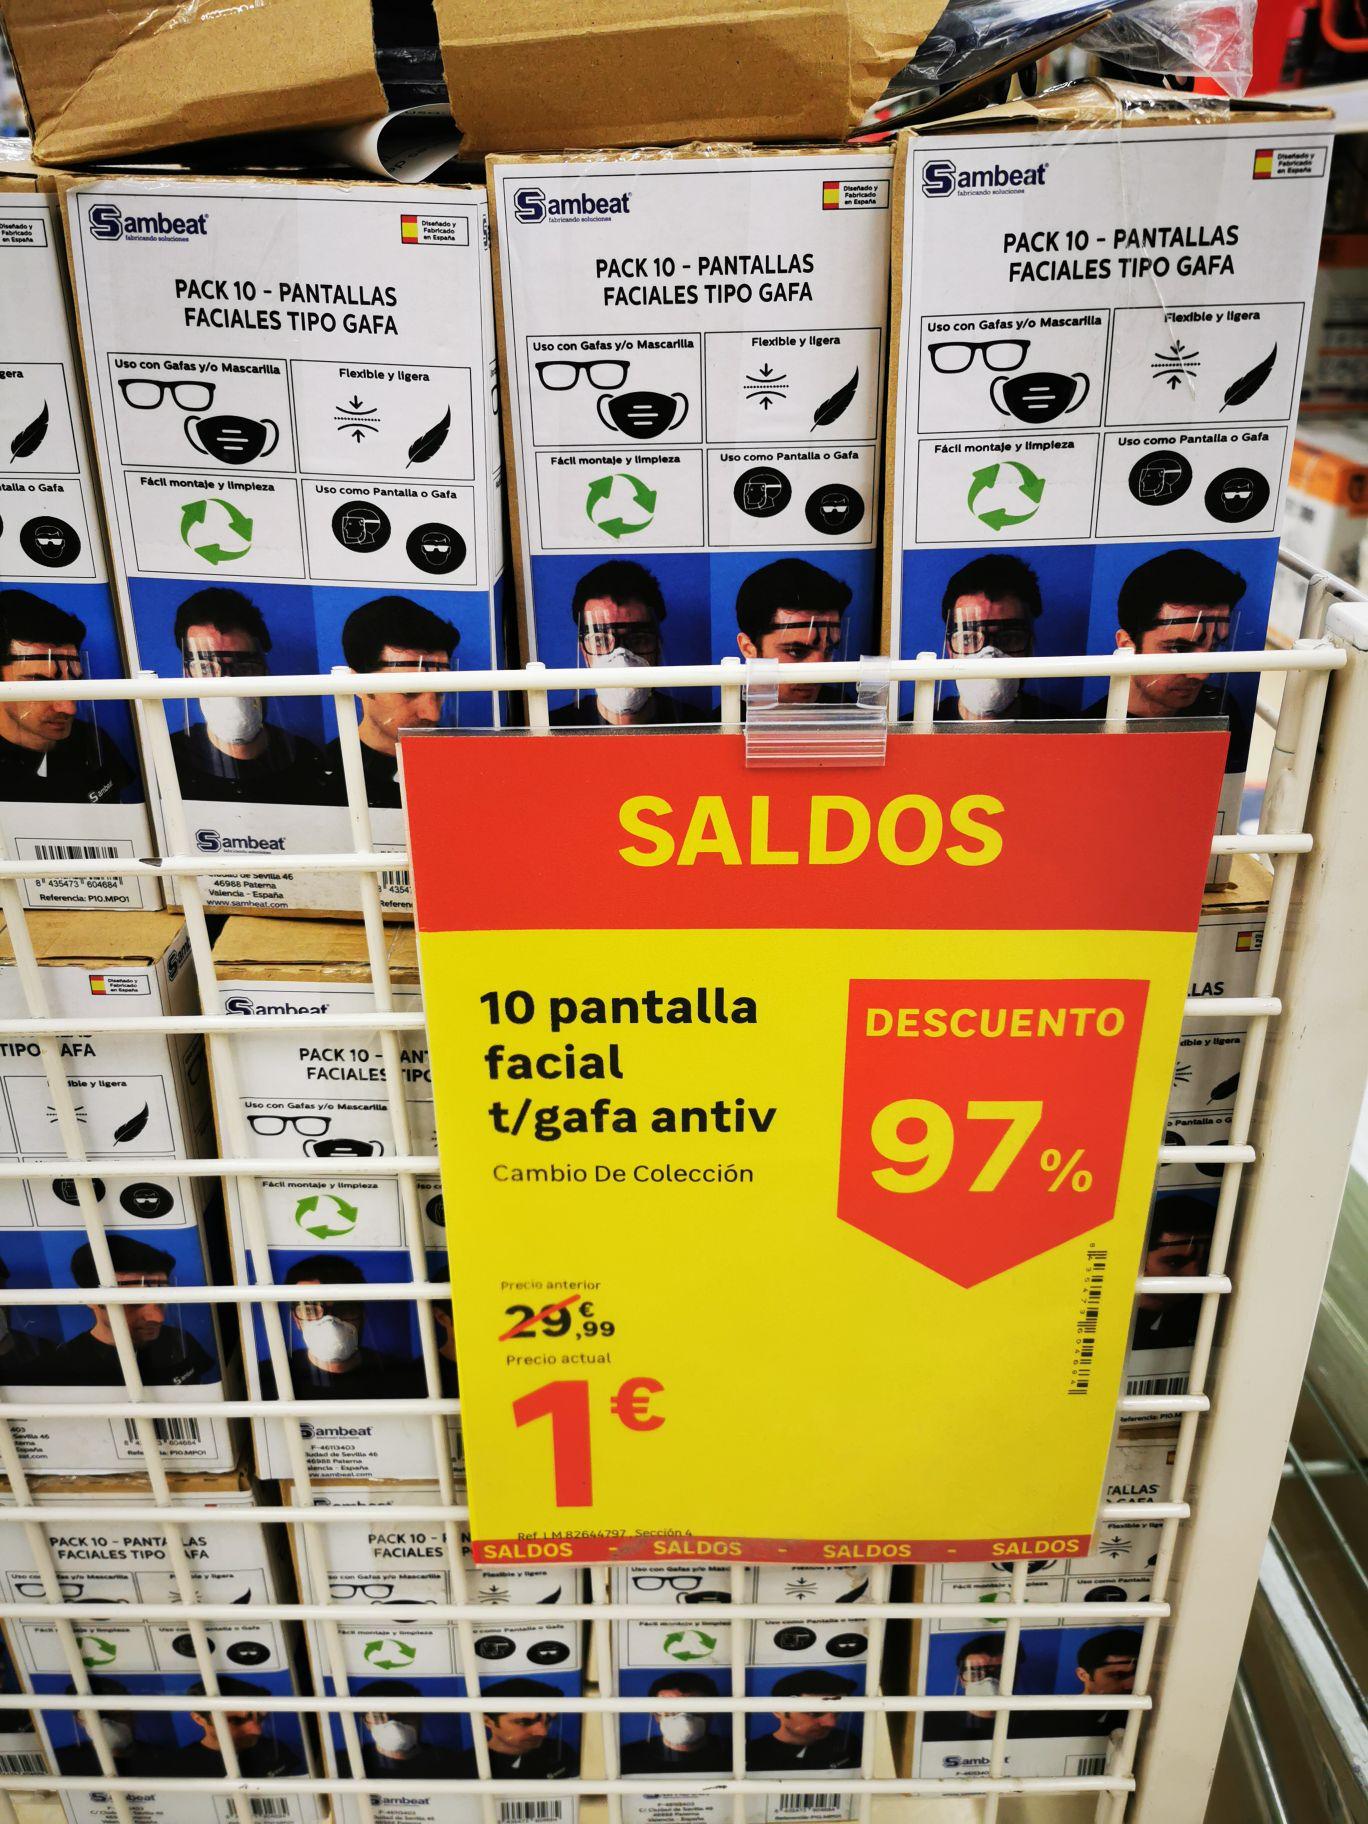 Pantallas faciales por 1€ en Leroy Merlín de Tres Caminos, Cádiz.